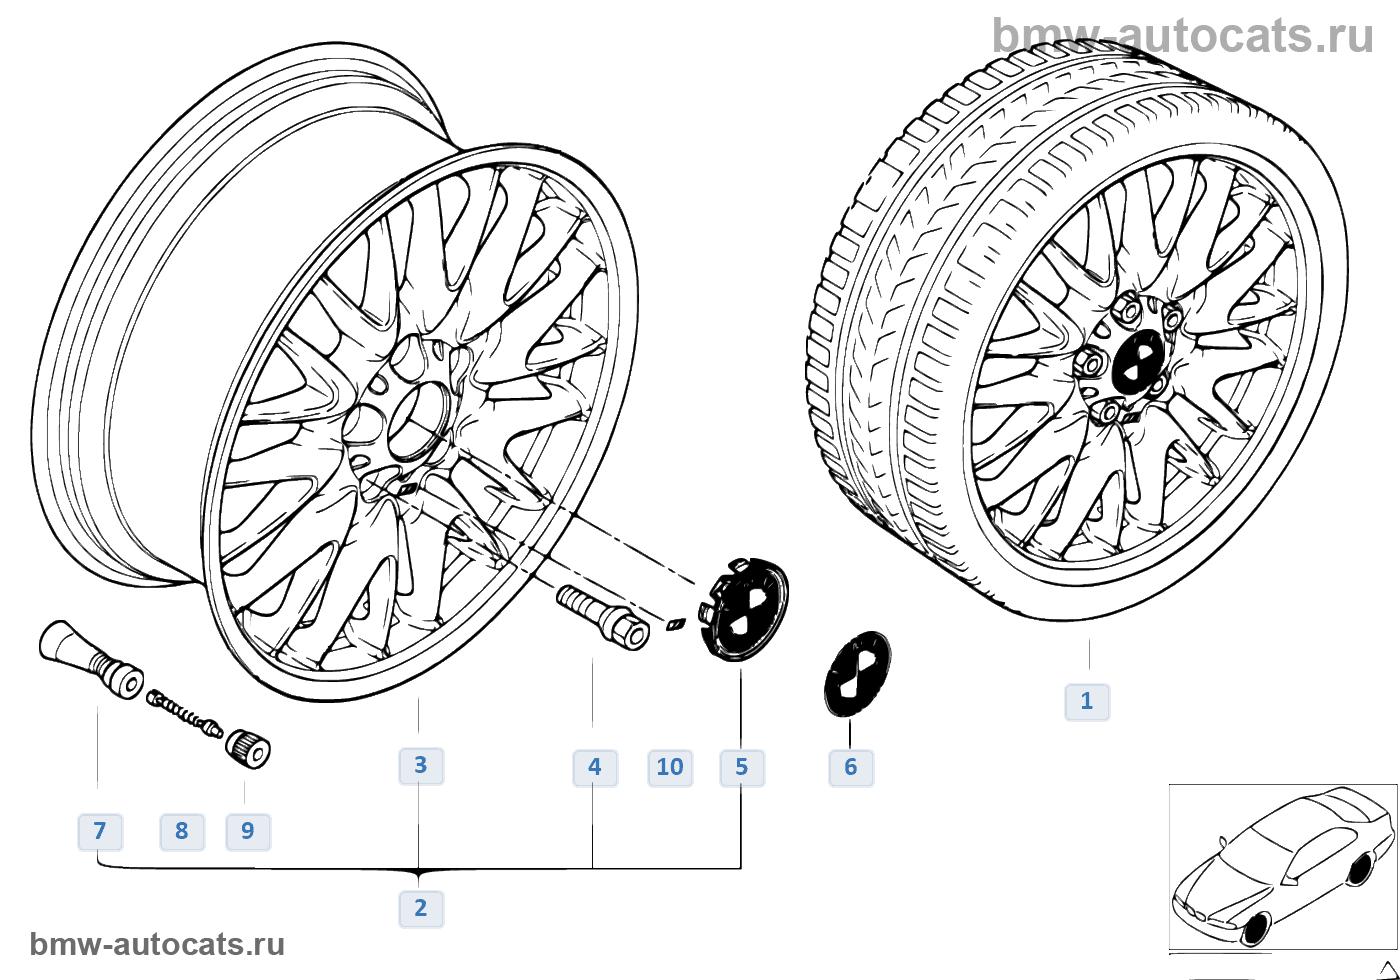 Л/c диск BMW с V-образными спицами 72